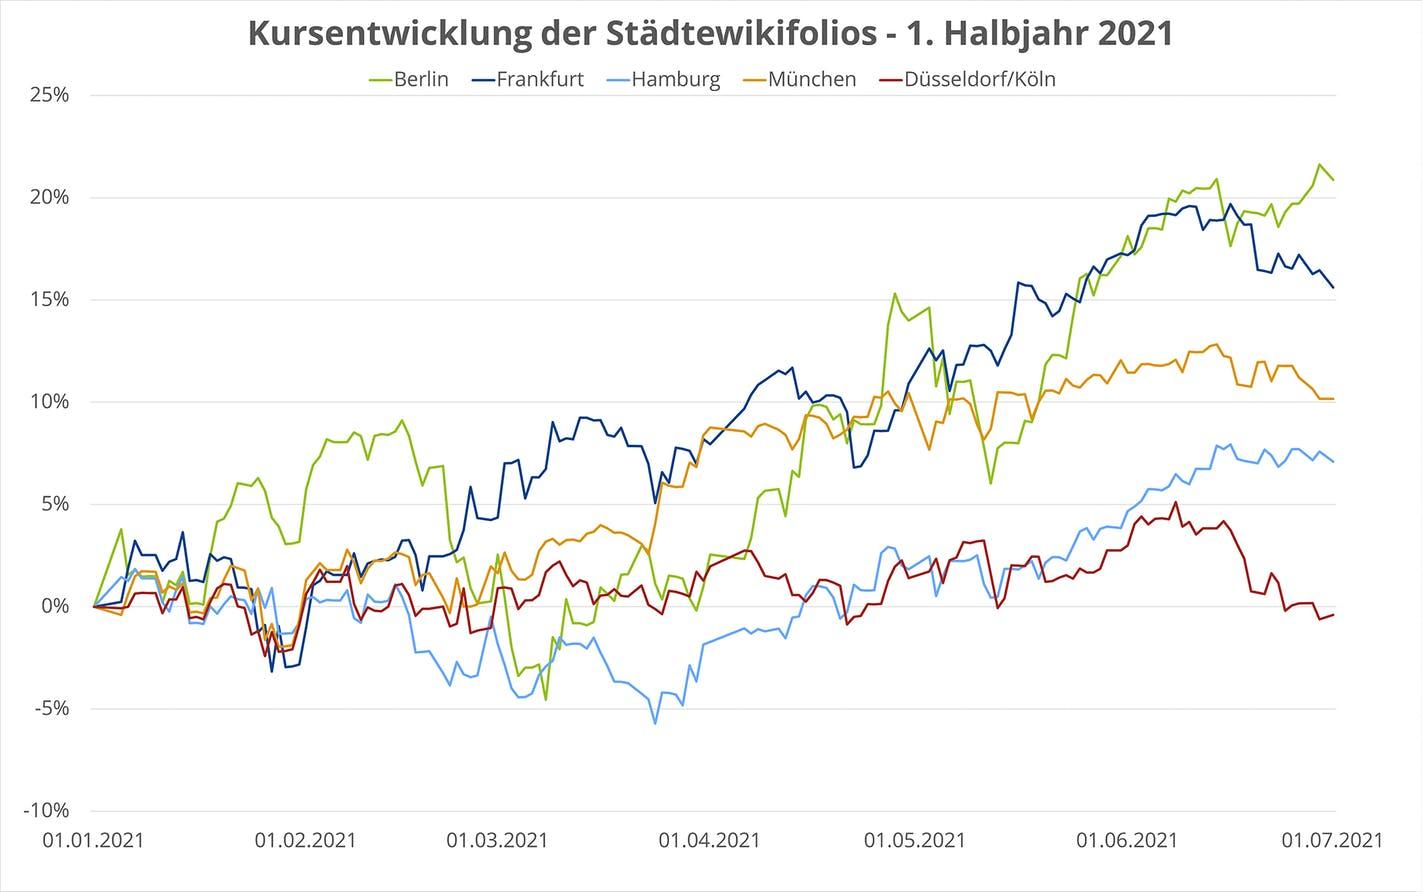 Grafik: Kursentwicklung der Städtewikifolios - 1. Halbjahr 2021